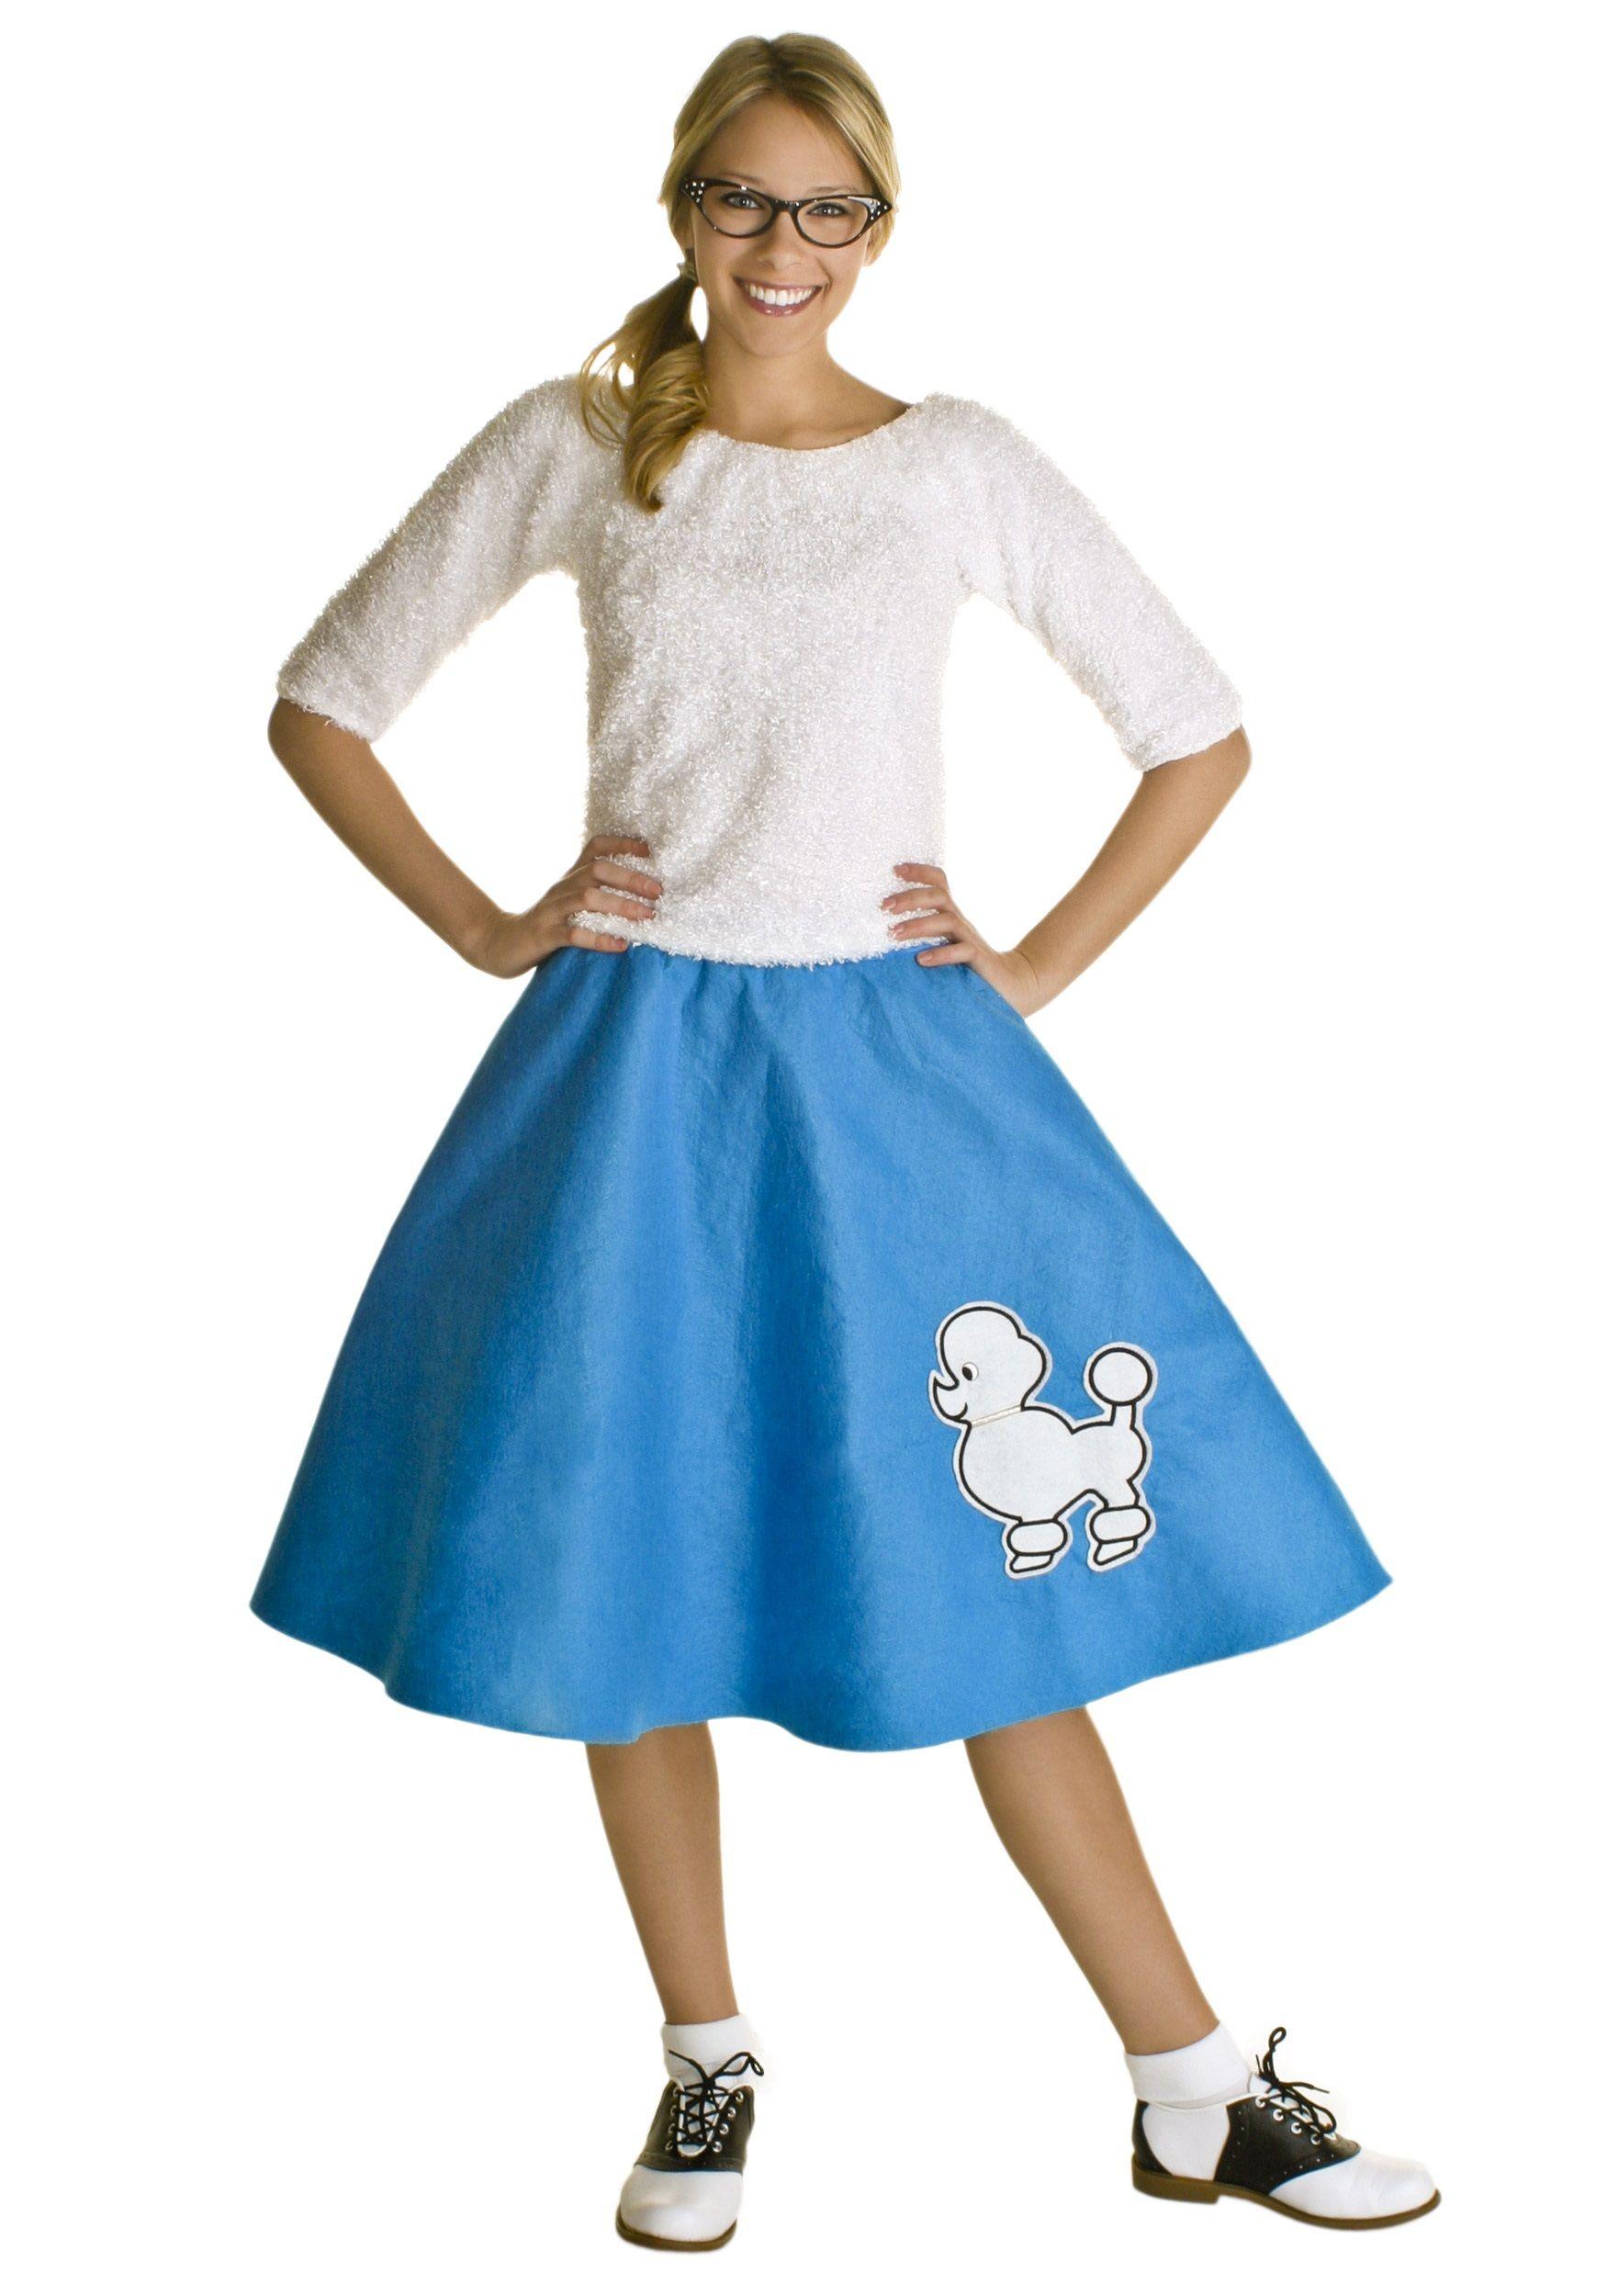 1950s fashion for women poodle skirts wwwimgkidcom